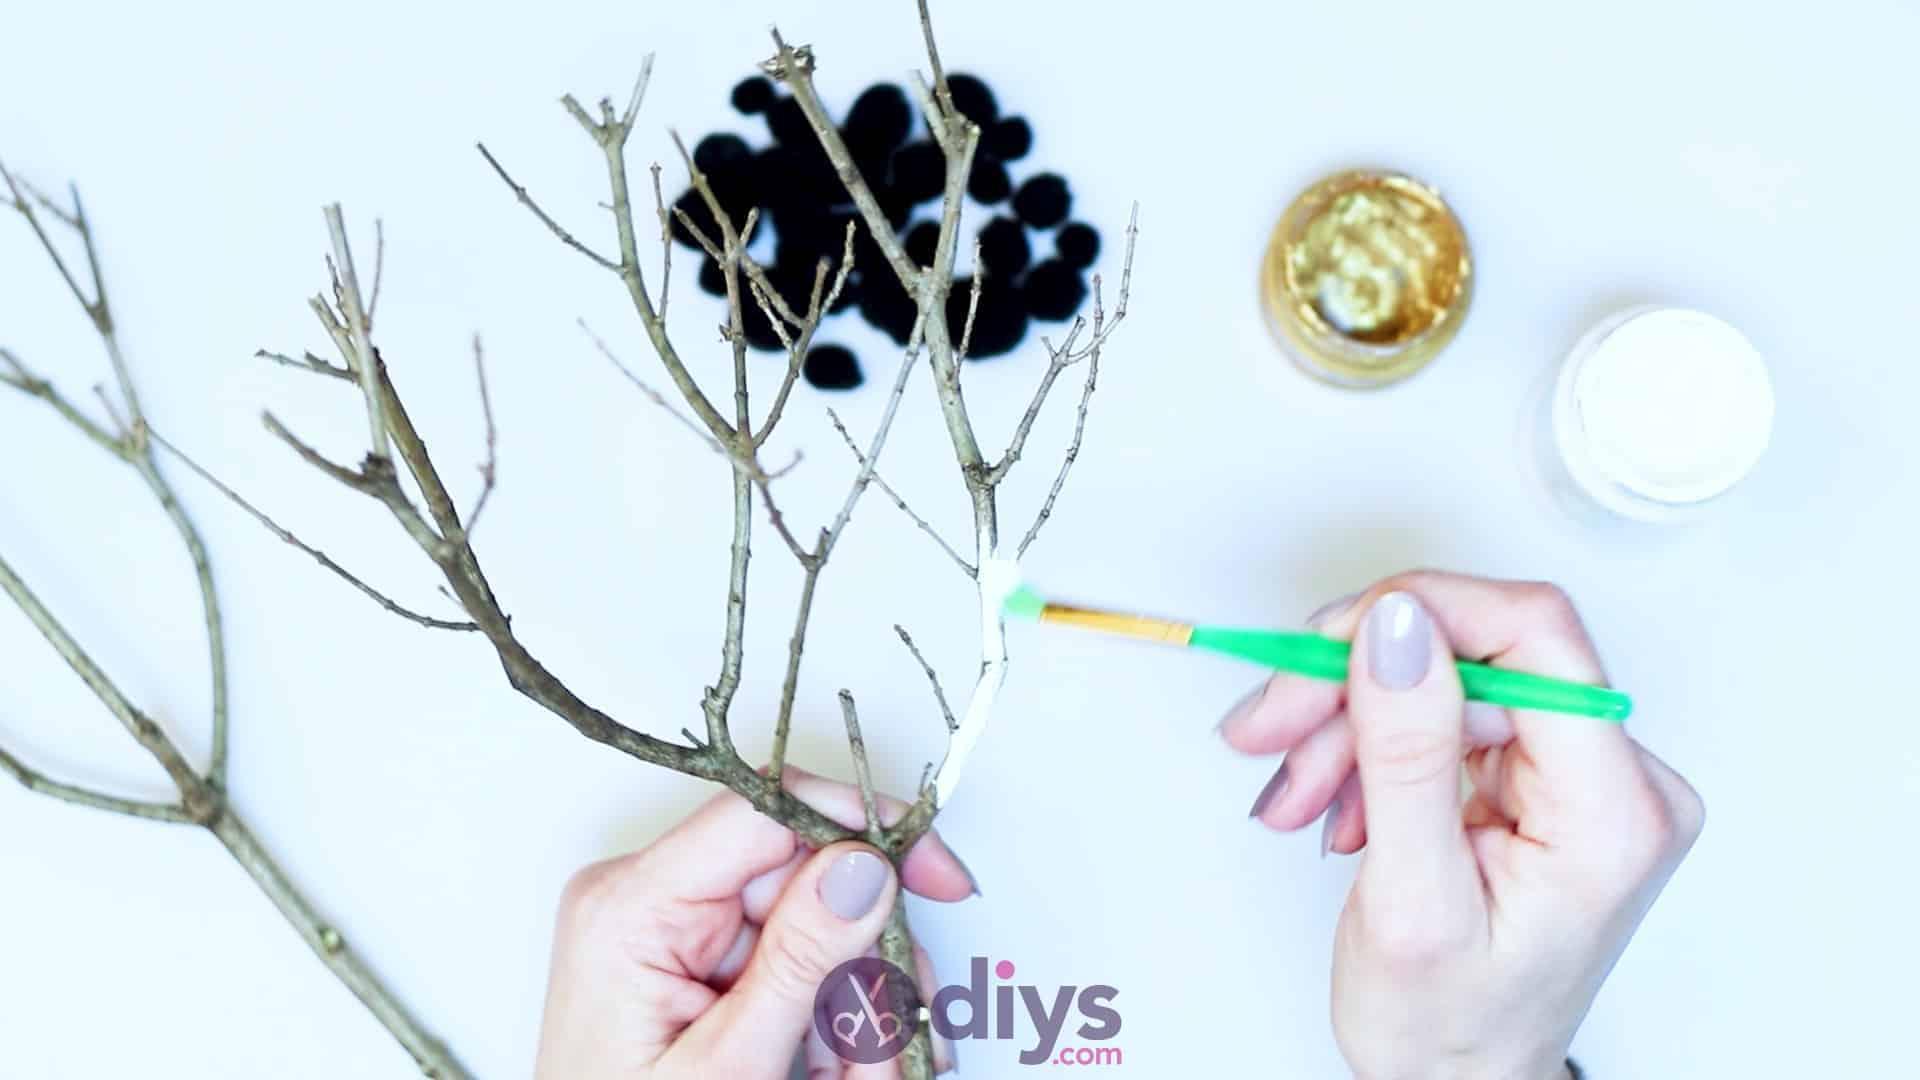 Diy pom pom tree art step 2a